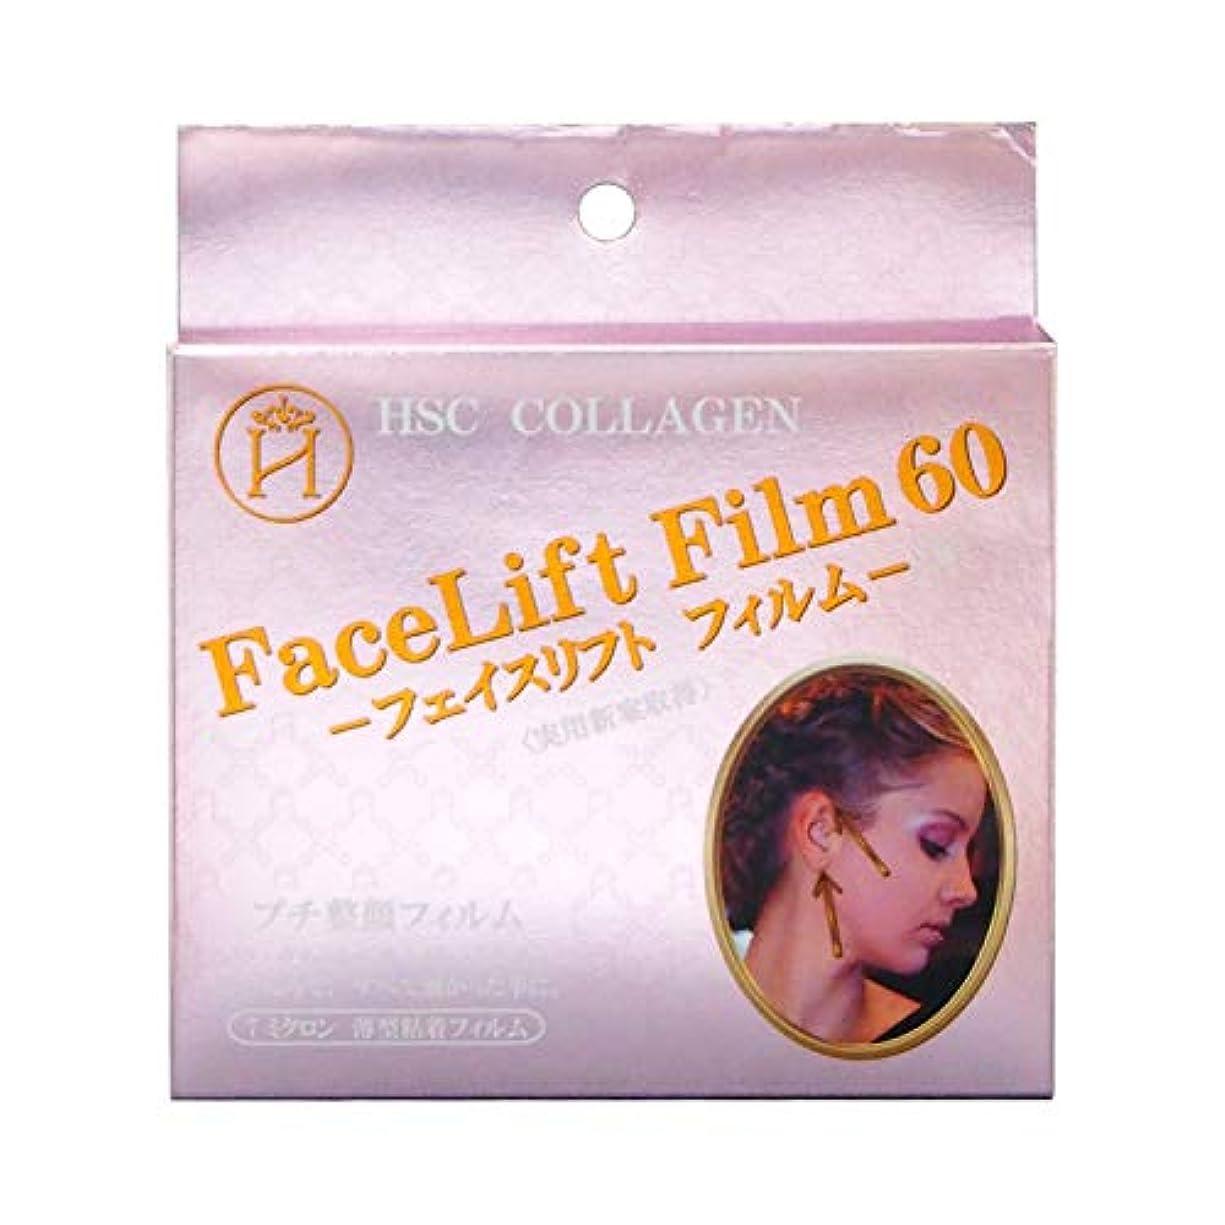 付き添い人運動文明フェイスリフトフィルム60 たるみ テープ 引き上げ 透明 目立たない フェイスライン